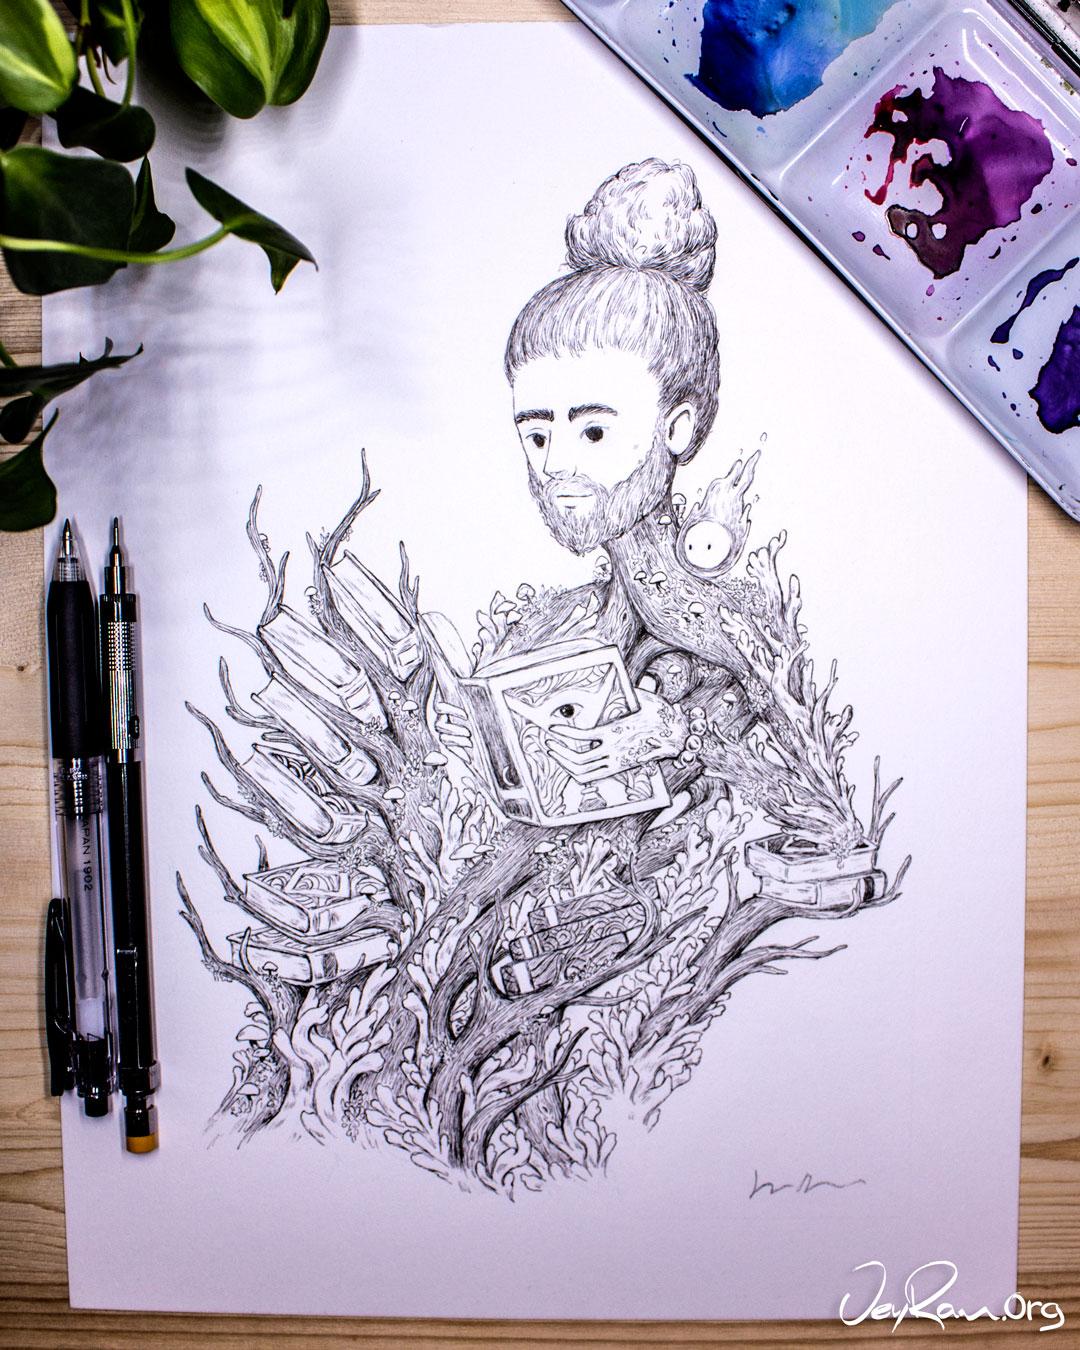 Clavulina Cinerea Wizard - Ballpoint Pen Ink Art by JeyRam. #inktober #inkart #originalart #inktober2019 #mushroom #fungi